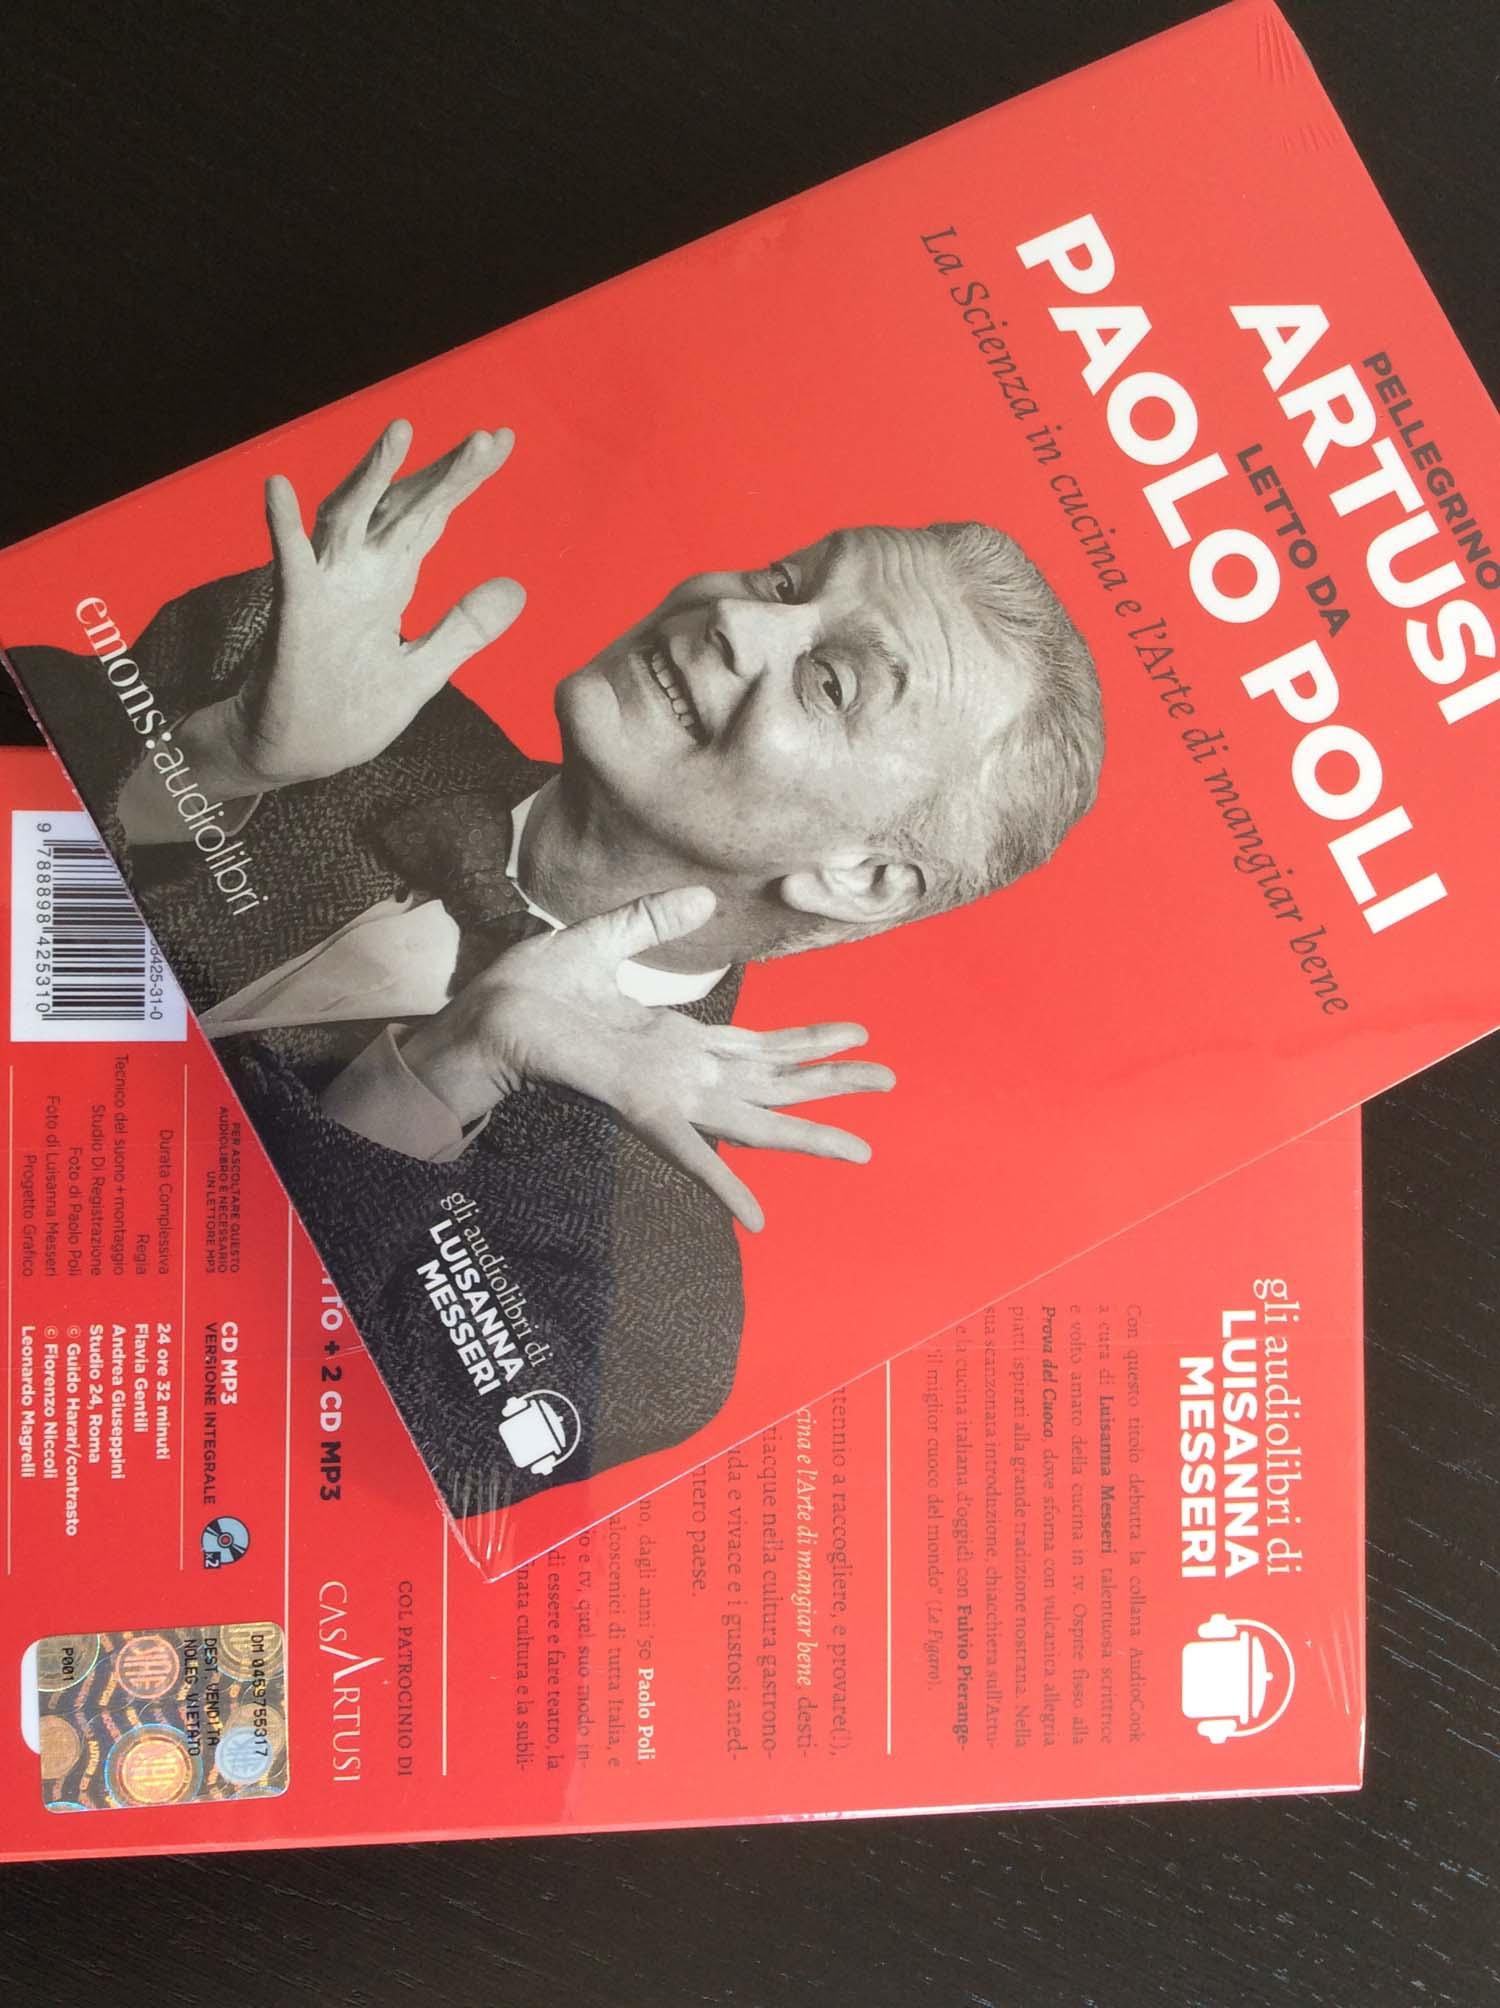 L'audiolibro le ricette di Artusi raccontate da Paolo Poli